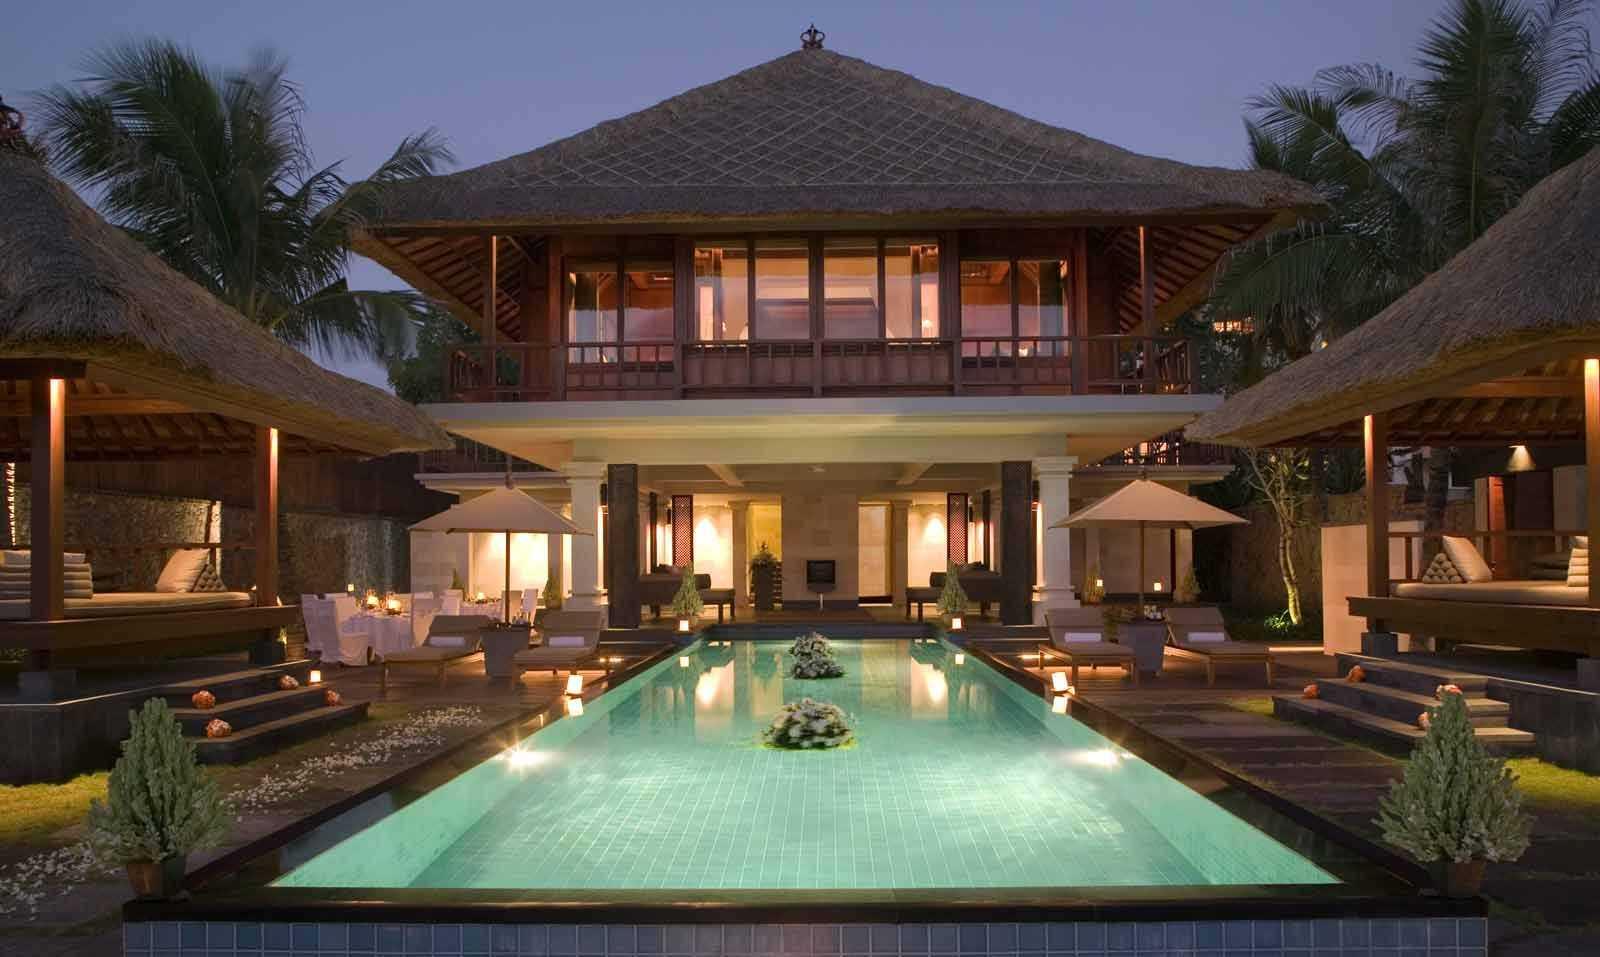 lien-ke-sunshine-heritage-resort